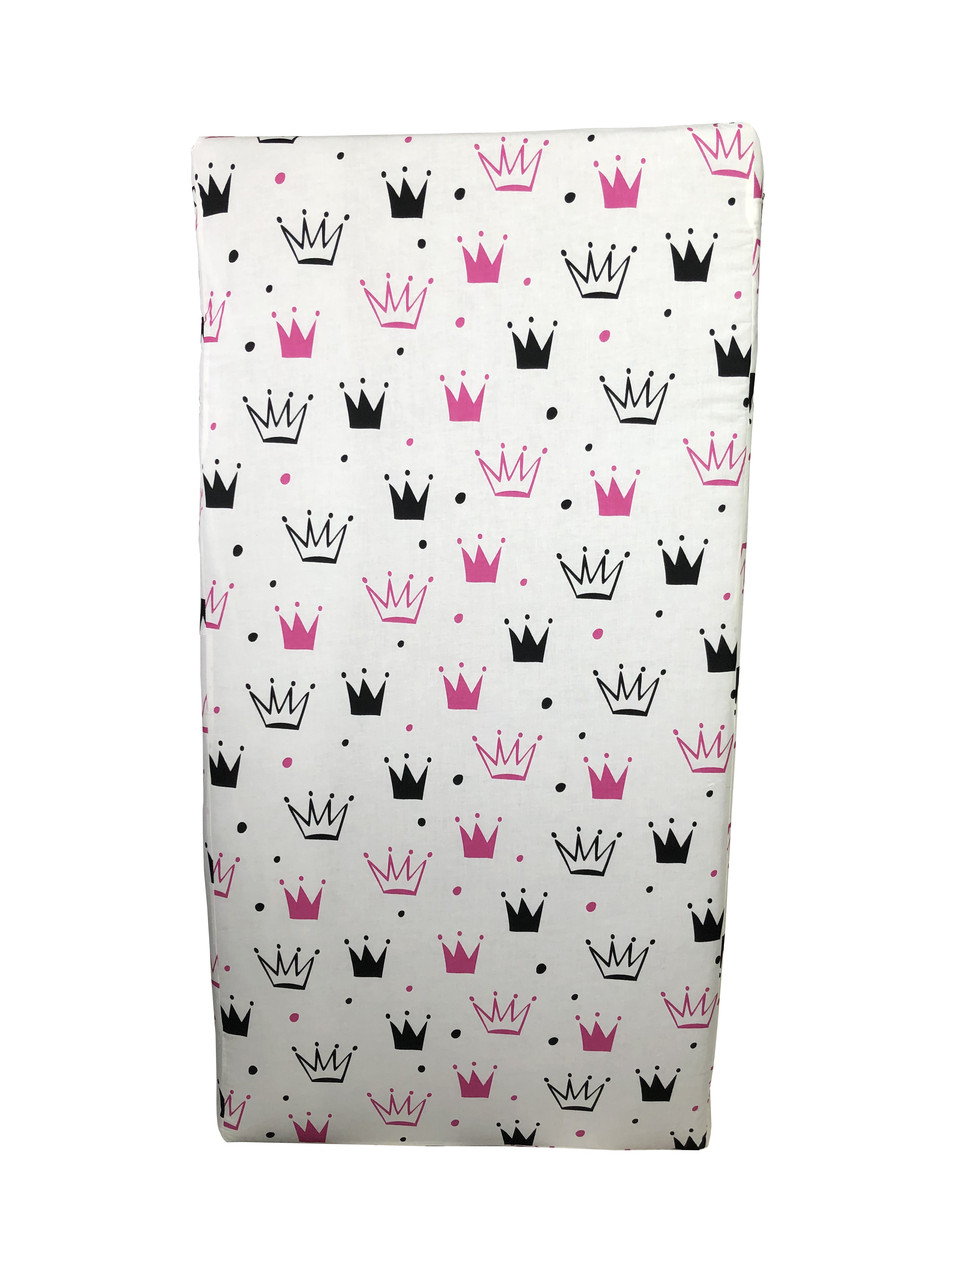 Матрац дитячий ортопедичний Baby Comfort Соня №8 (120*60*8 см) корони рожеві